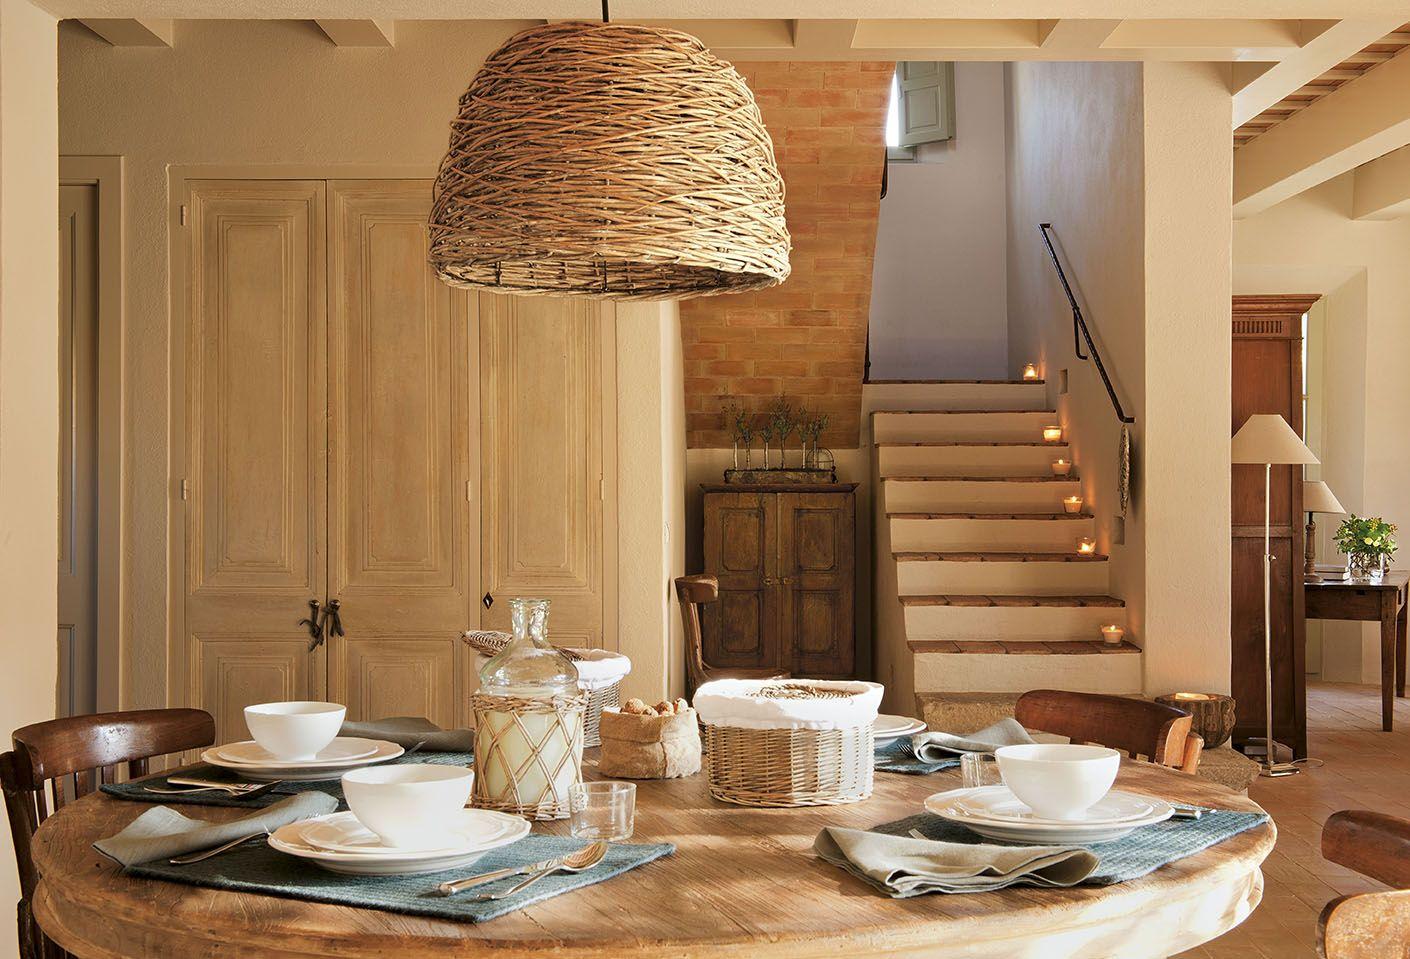 Dormitorio rústico de casa de campo con bóveda catalana de ladrillo ...